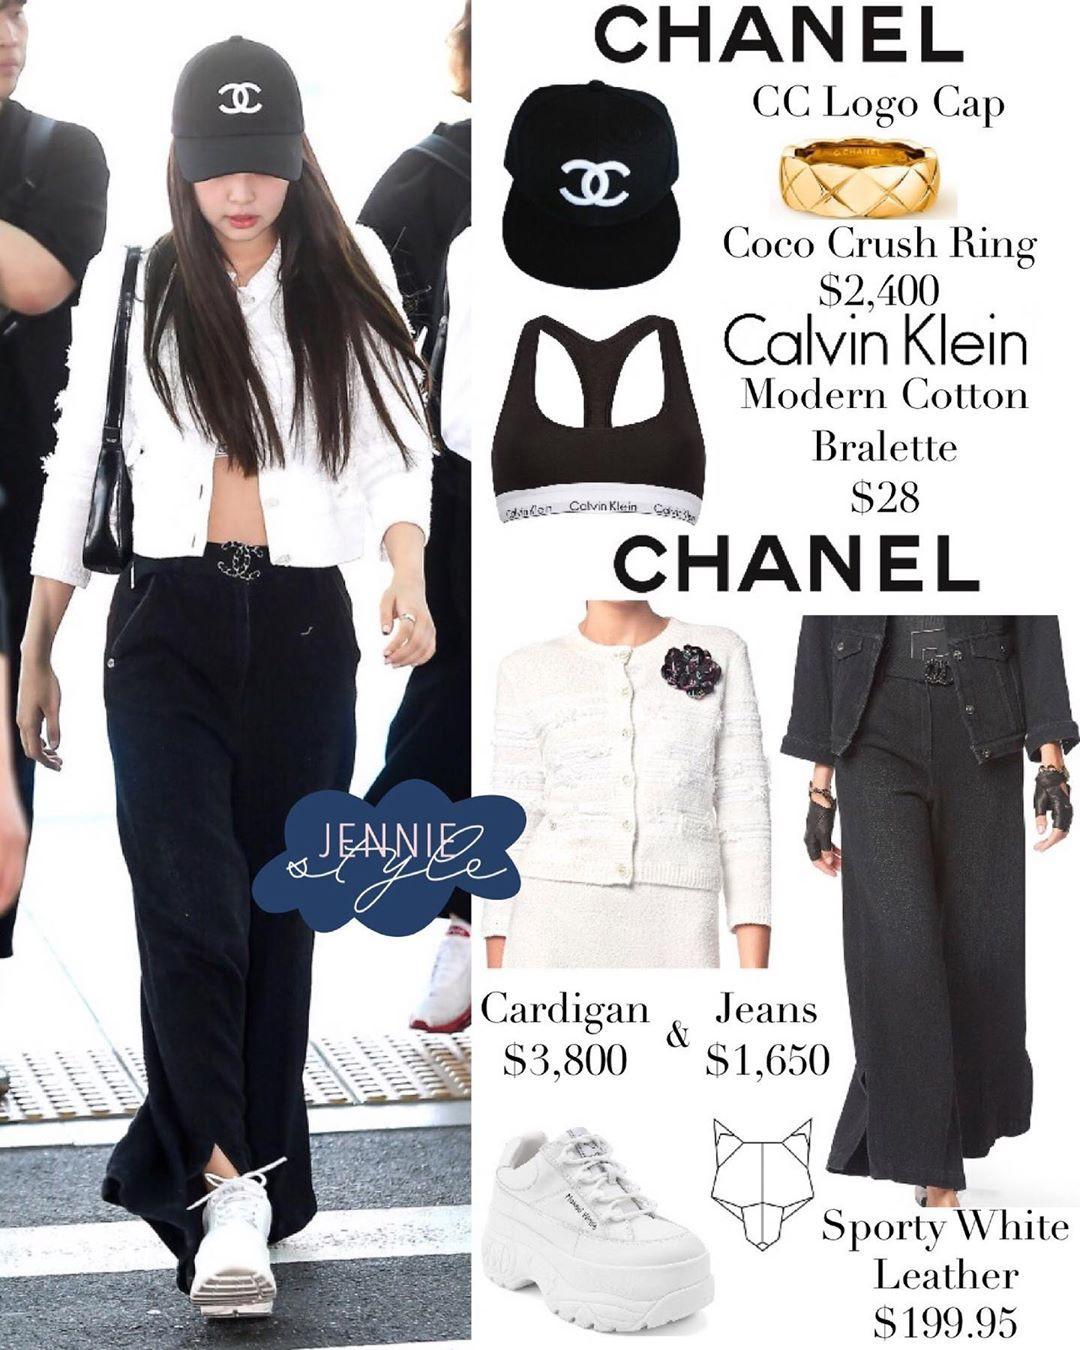 Mặc đồ đắt thì nhiều nhưng mix thông minh như Jennie thì không phải ai cũng làm được - Ảnh 3.